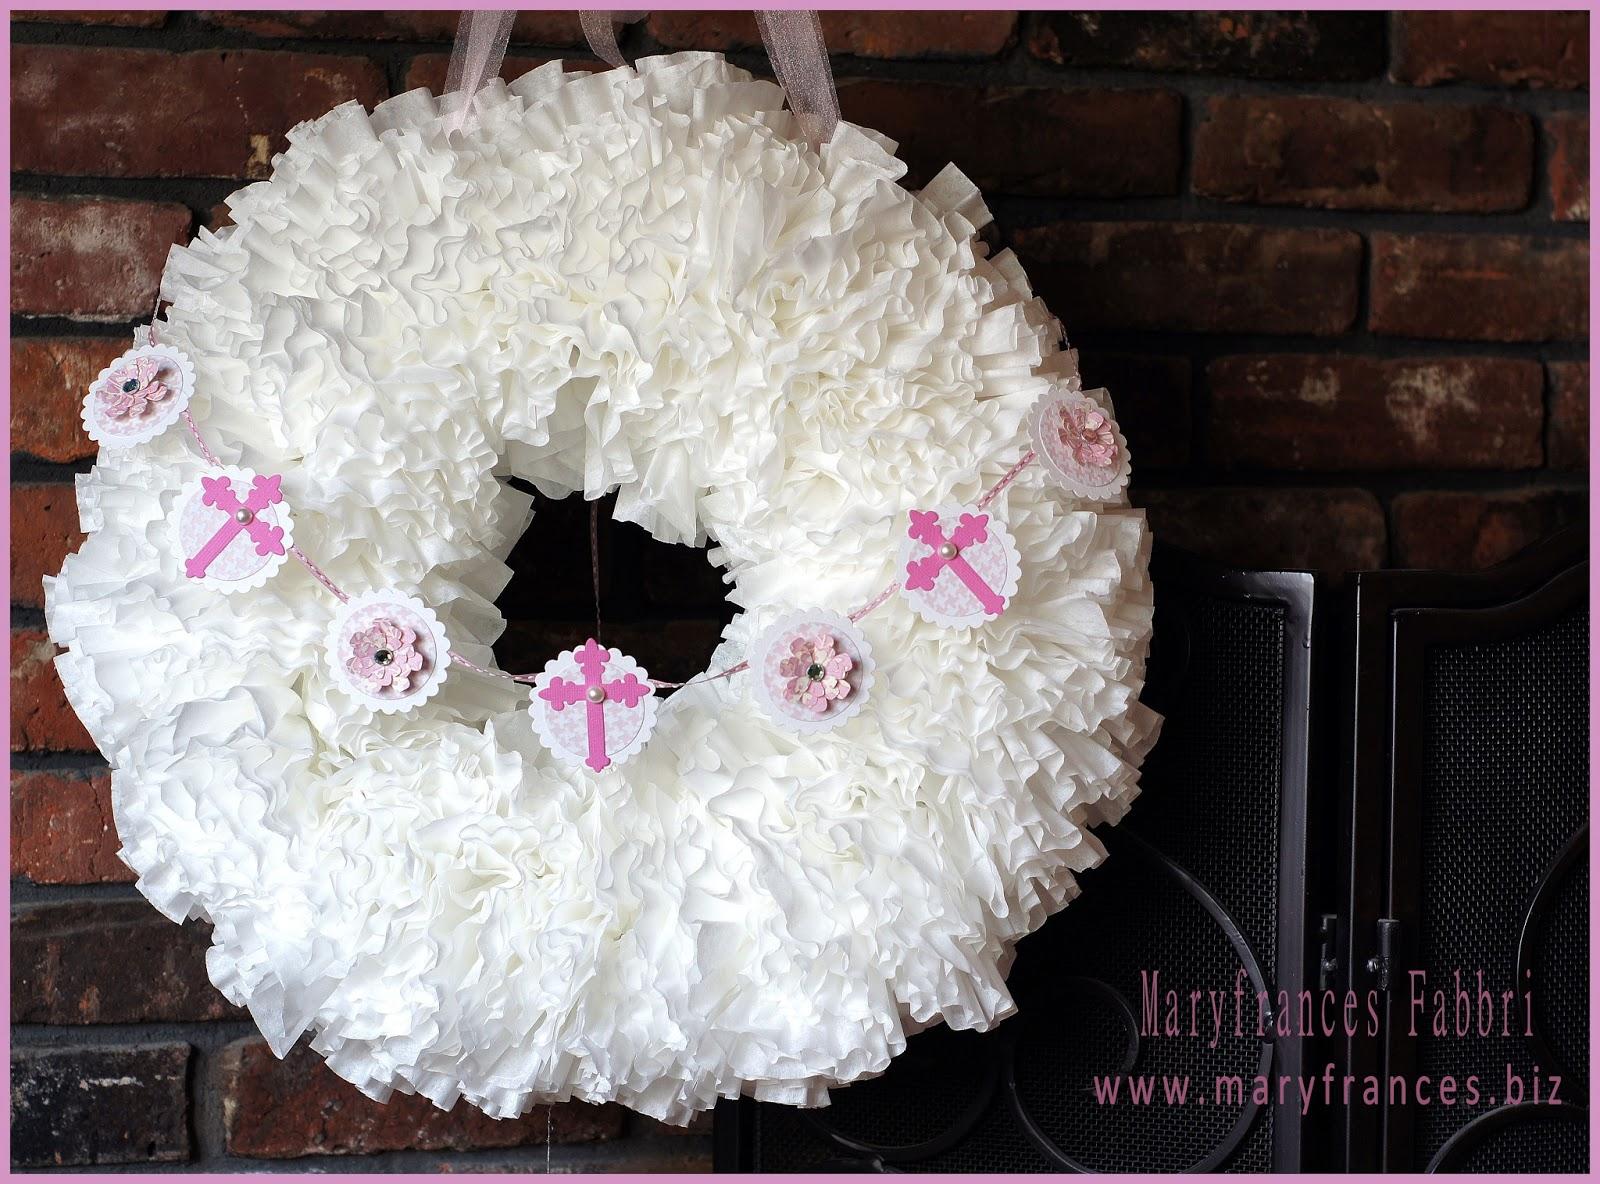 Maryfrances Fabbri First Communion Wreath